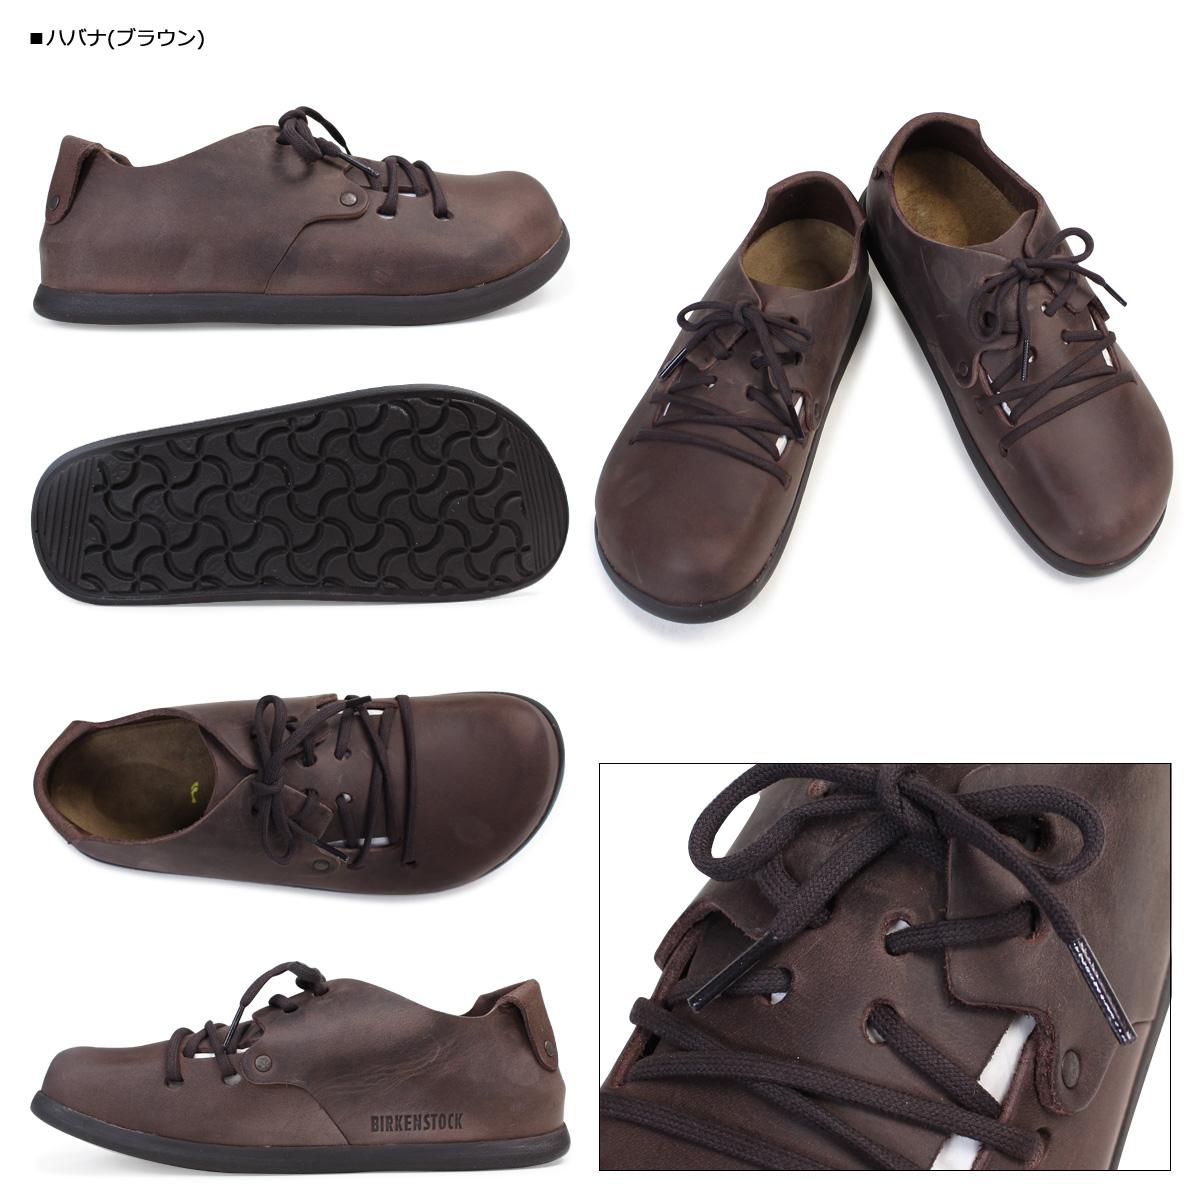 [常规] 写信写信蒙大拿蒙大拿 [正常宽度碎宽度绒面 × 真皮] 黑色摩卡 299581 299583 299101 299103 男士女式凉鞋